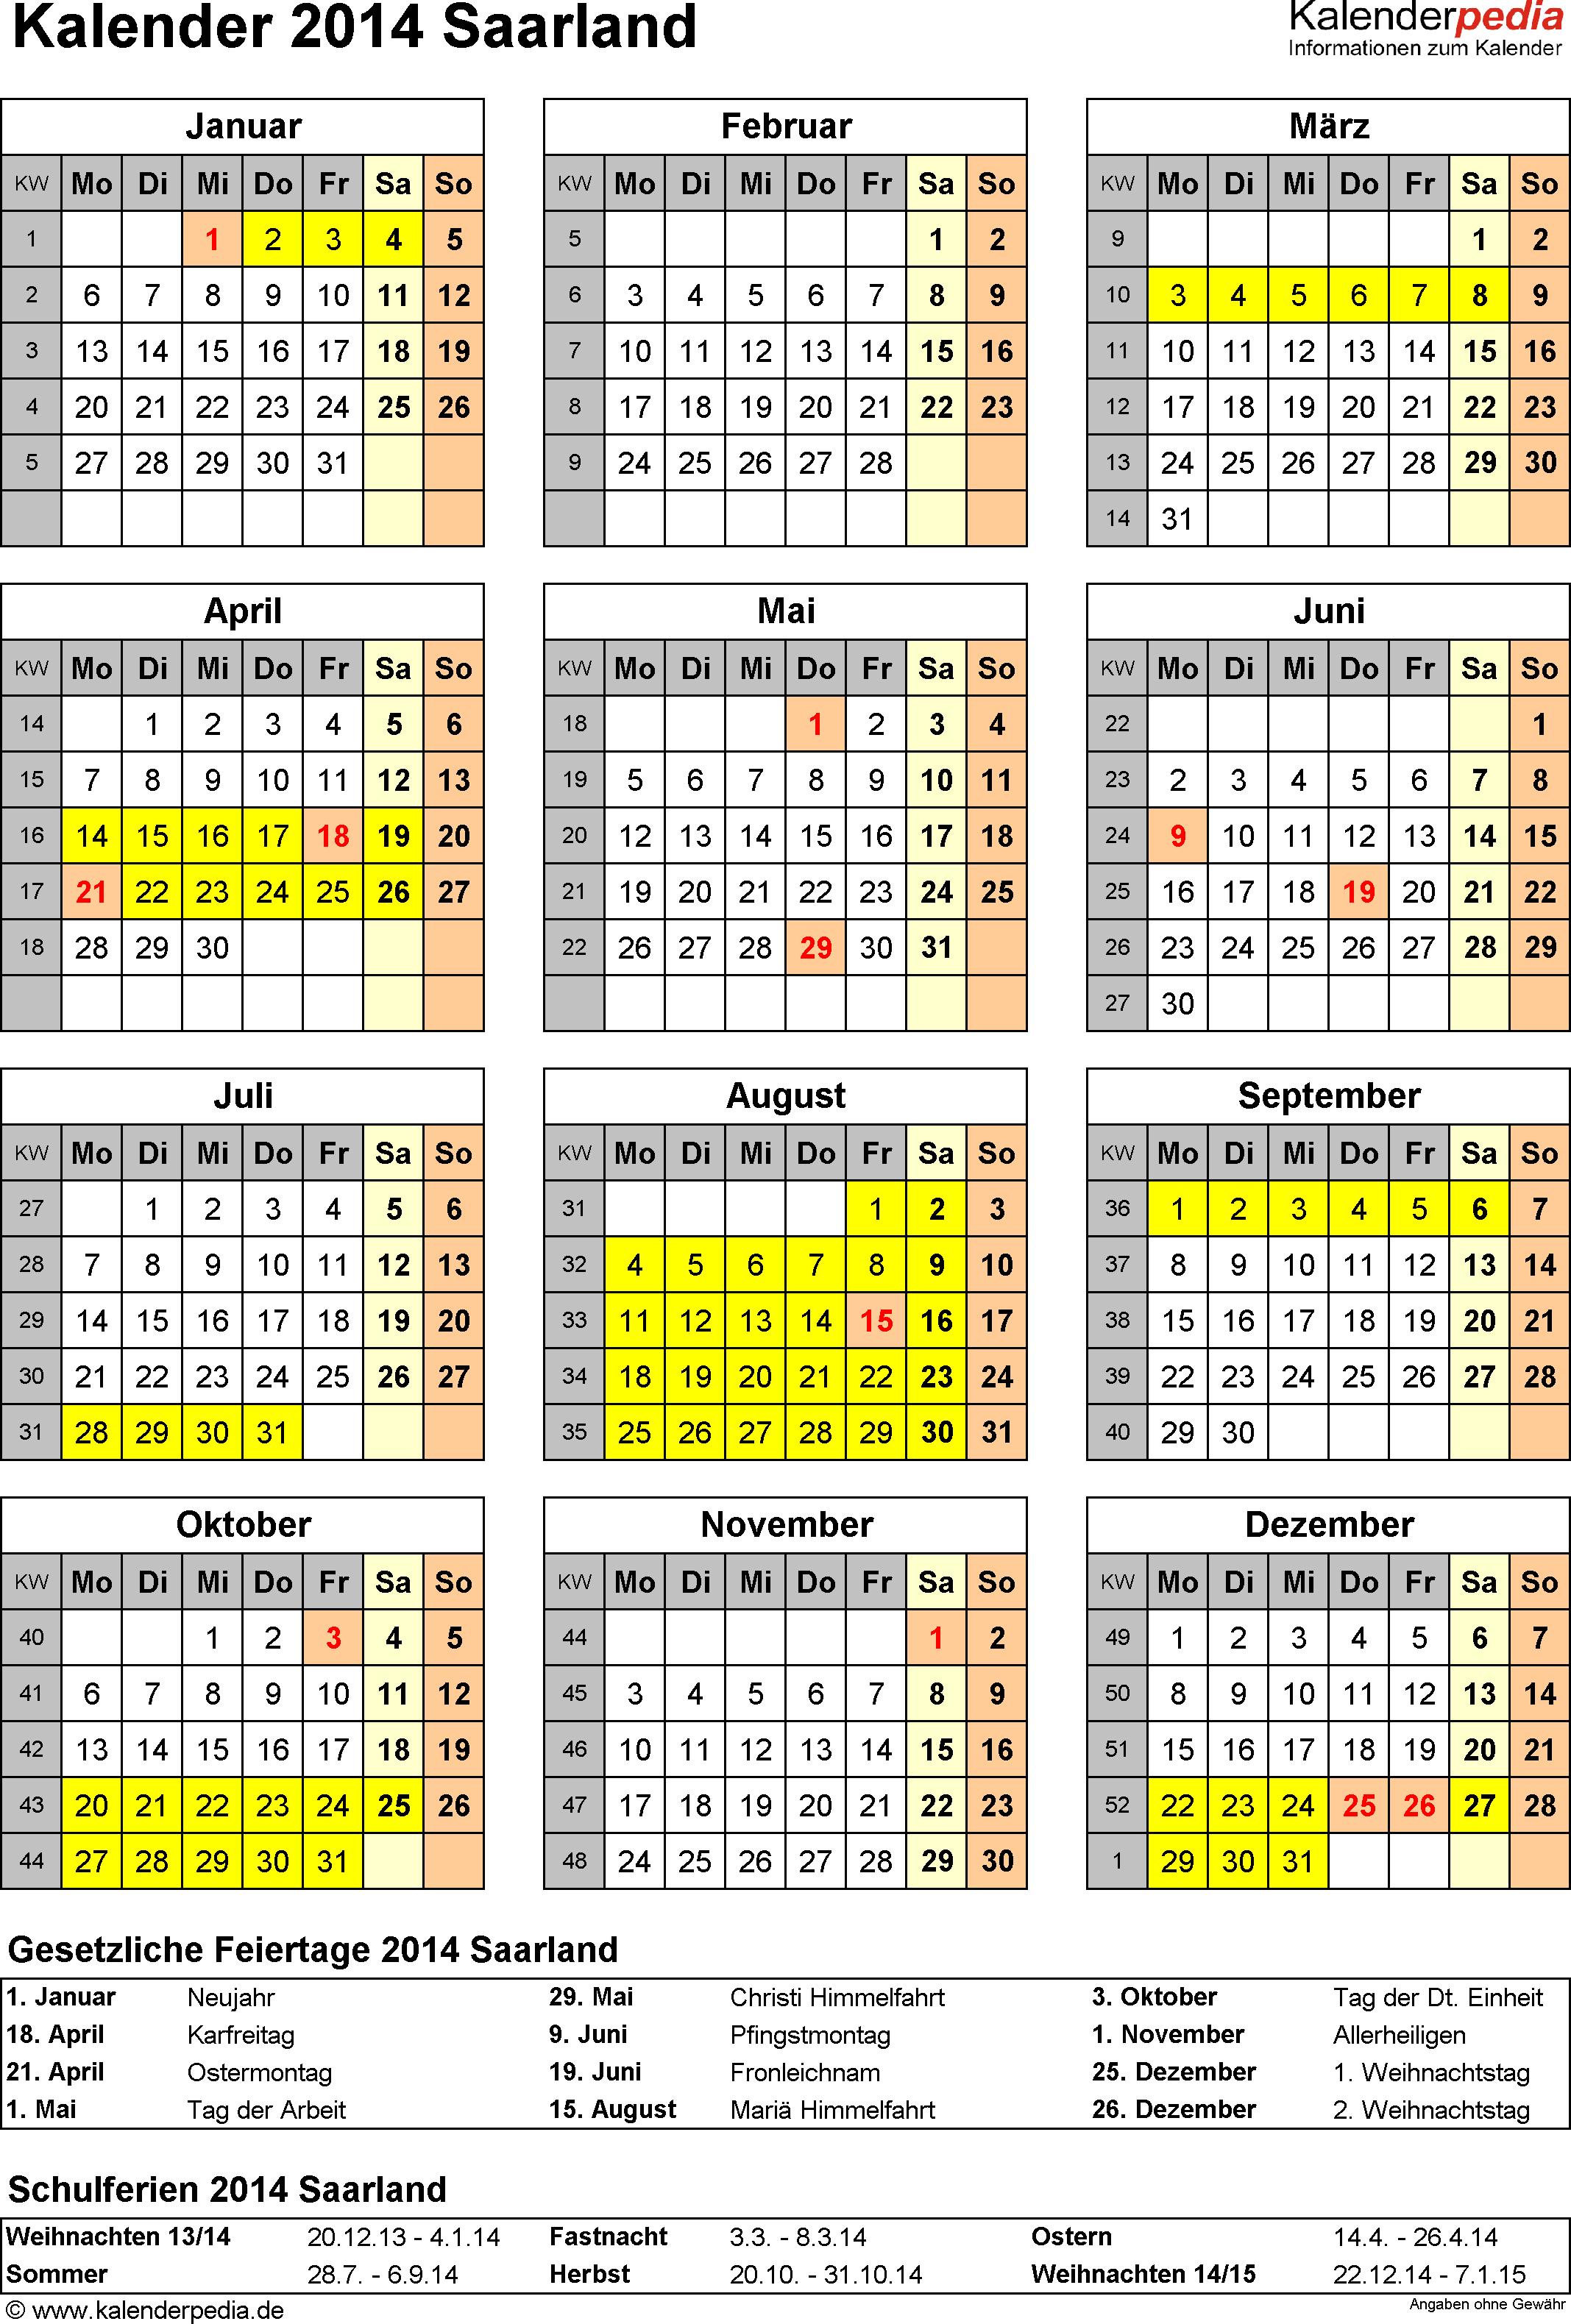 Vorlage 4: Kalender Saarland 2014 als Excel-Vorlage (Hochformat)